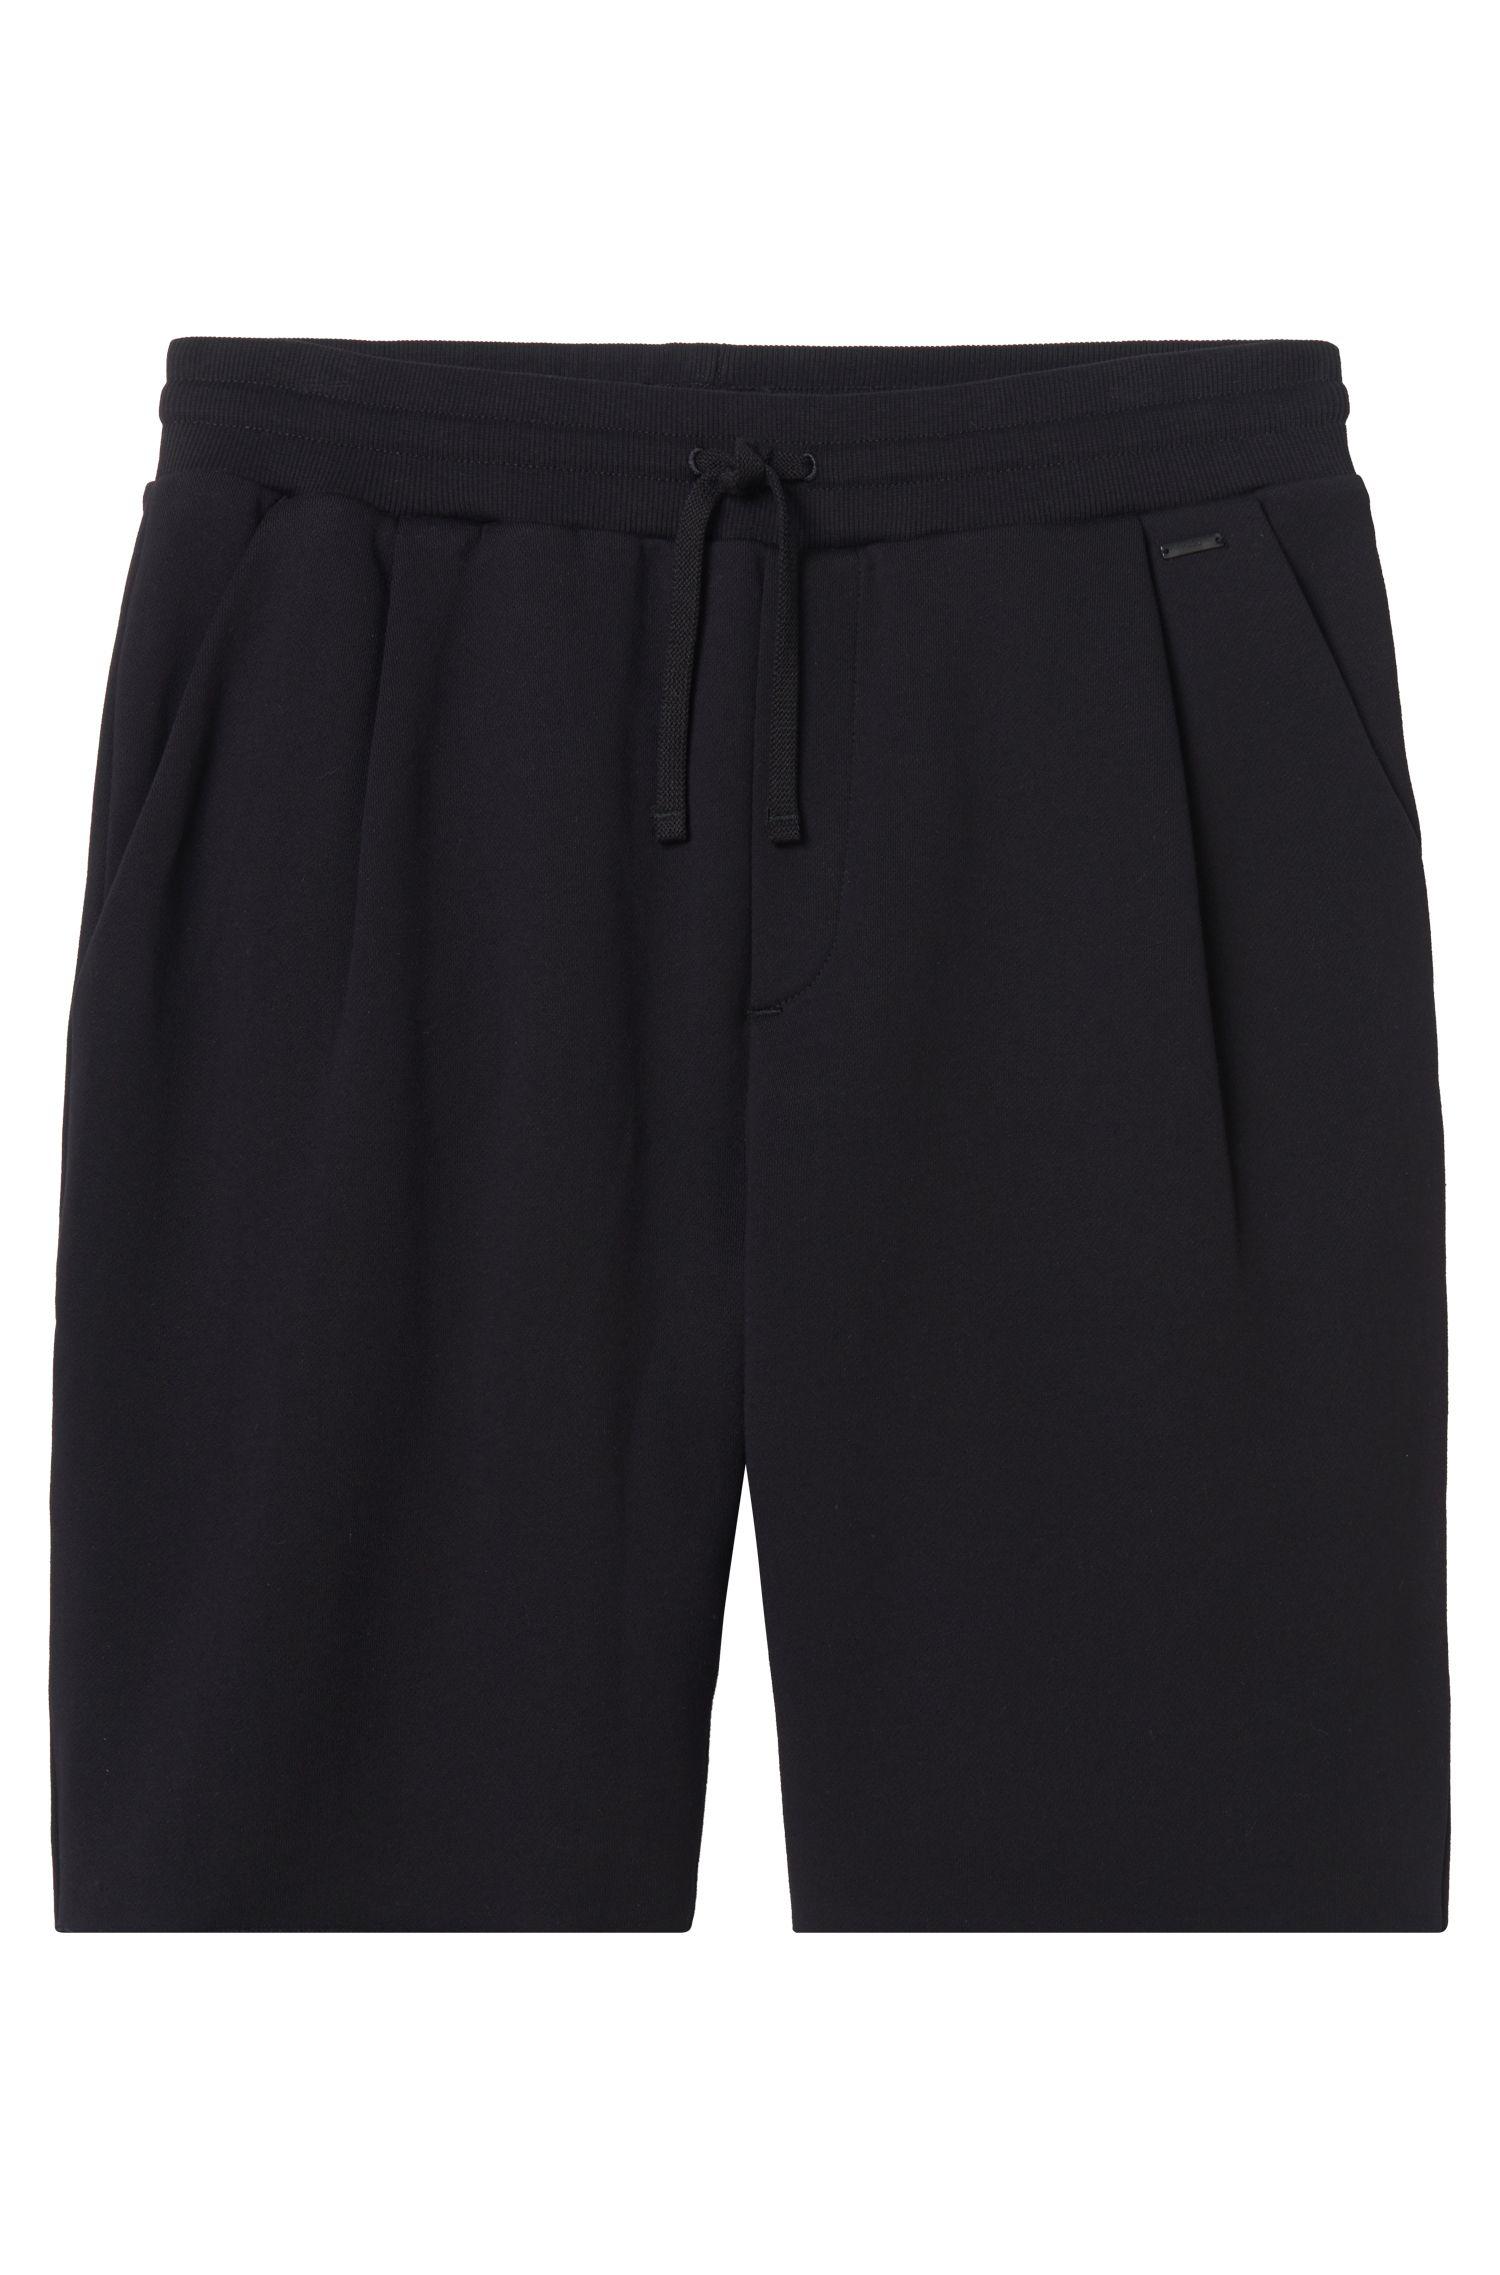 Cotton Short   Desh, Black